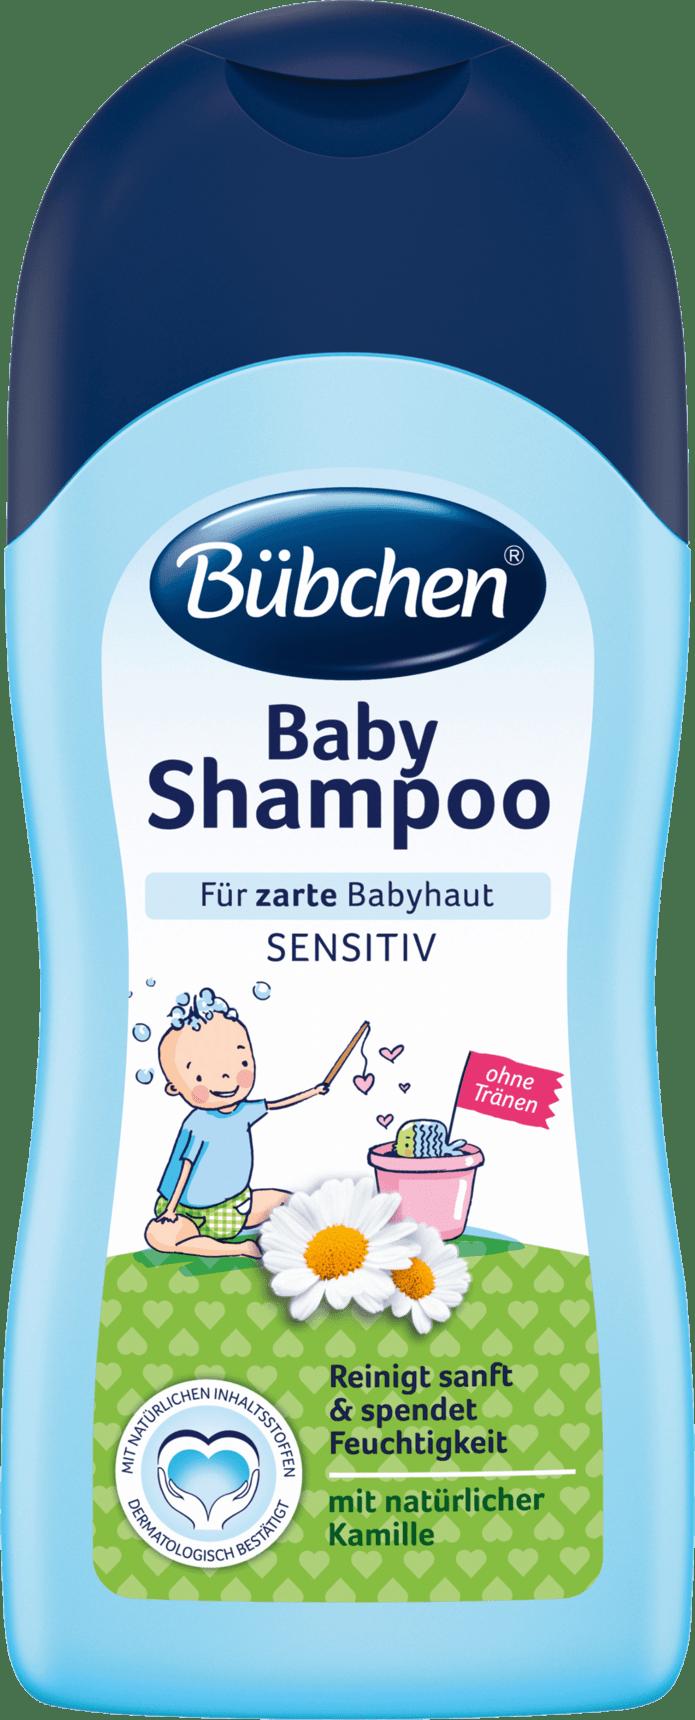 Bübchen Shampooing Bébé Sensible, 200 ml